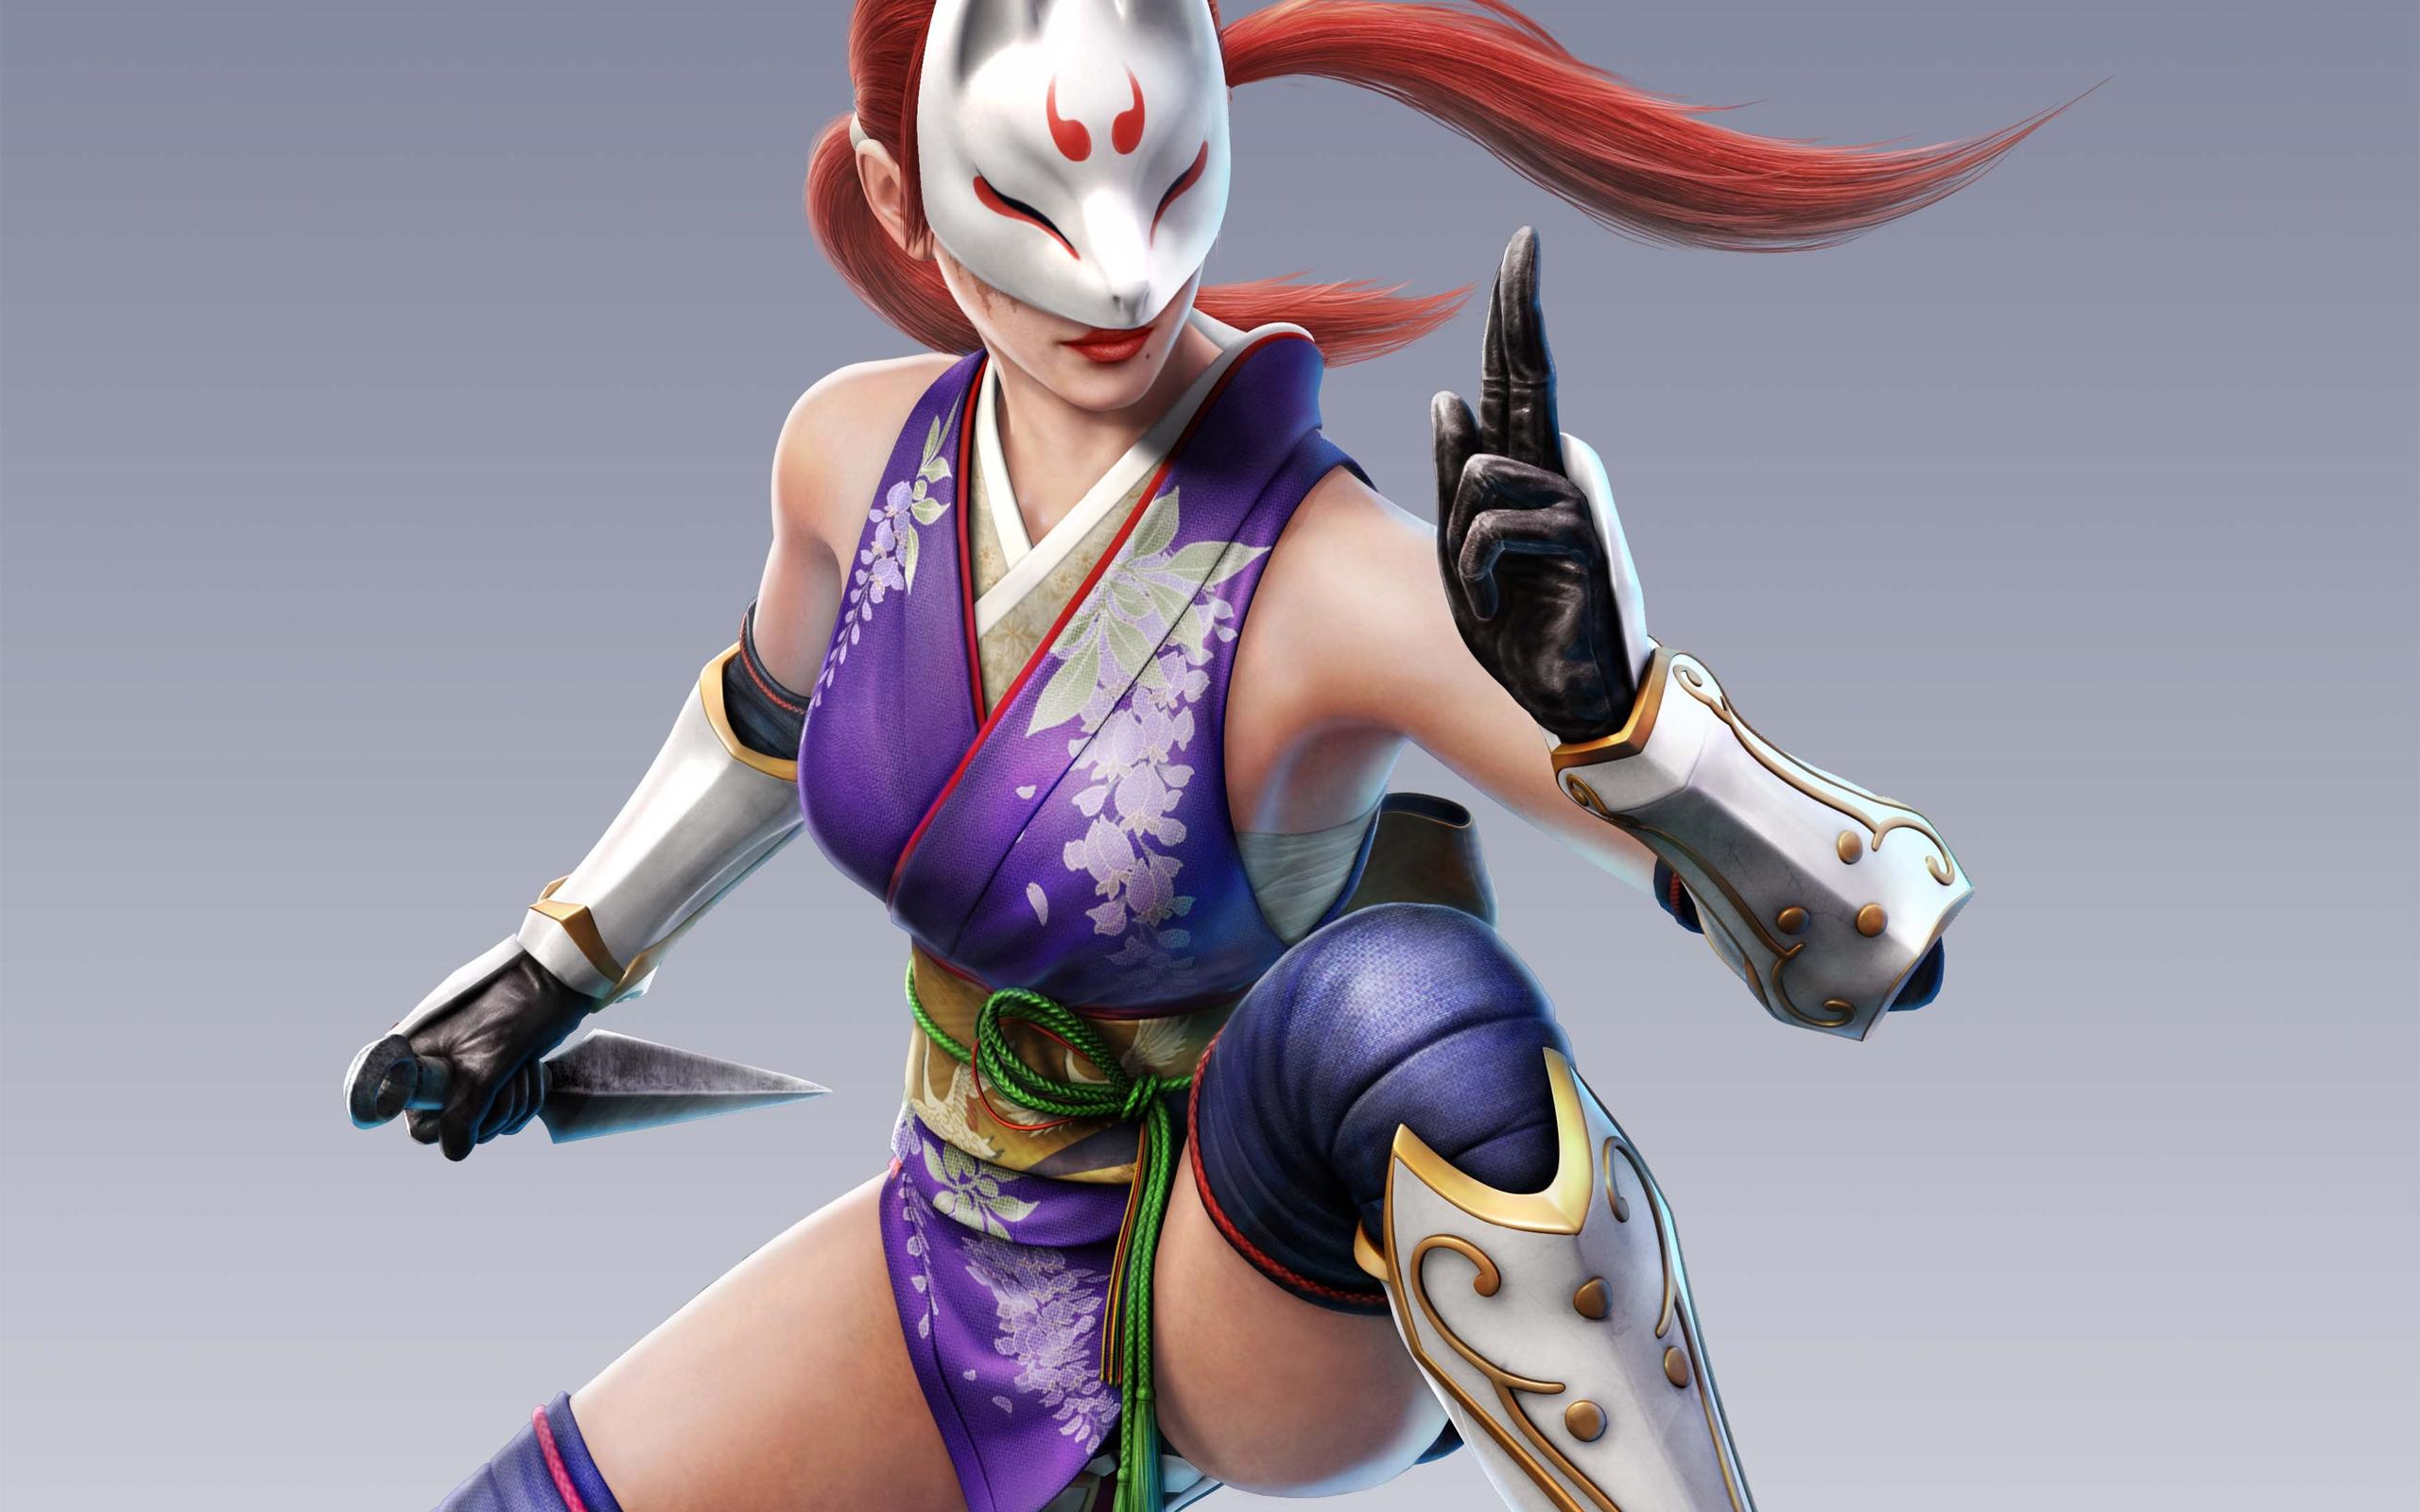 Tekken Wallpapers Pictures Images